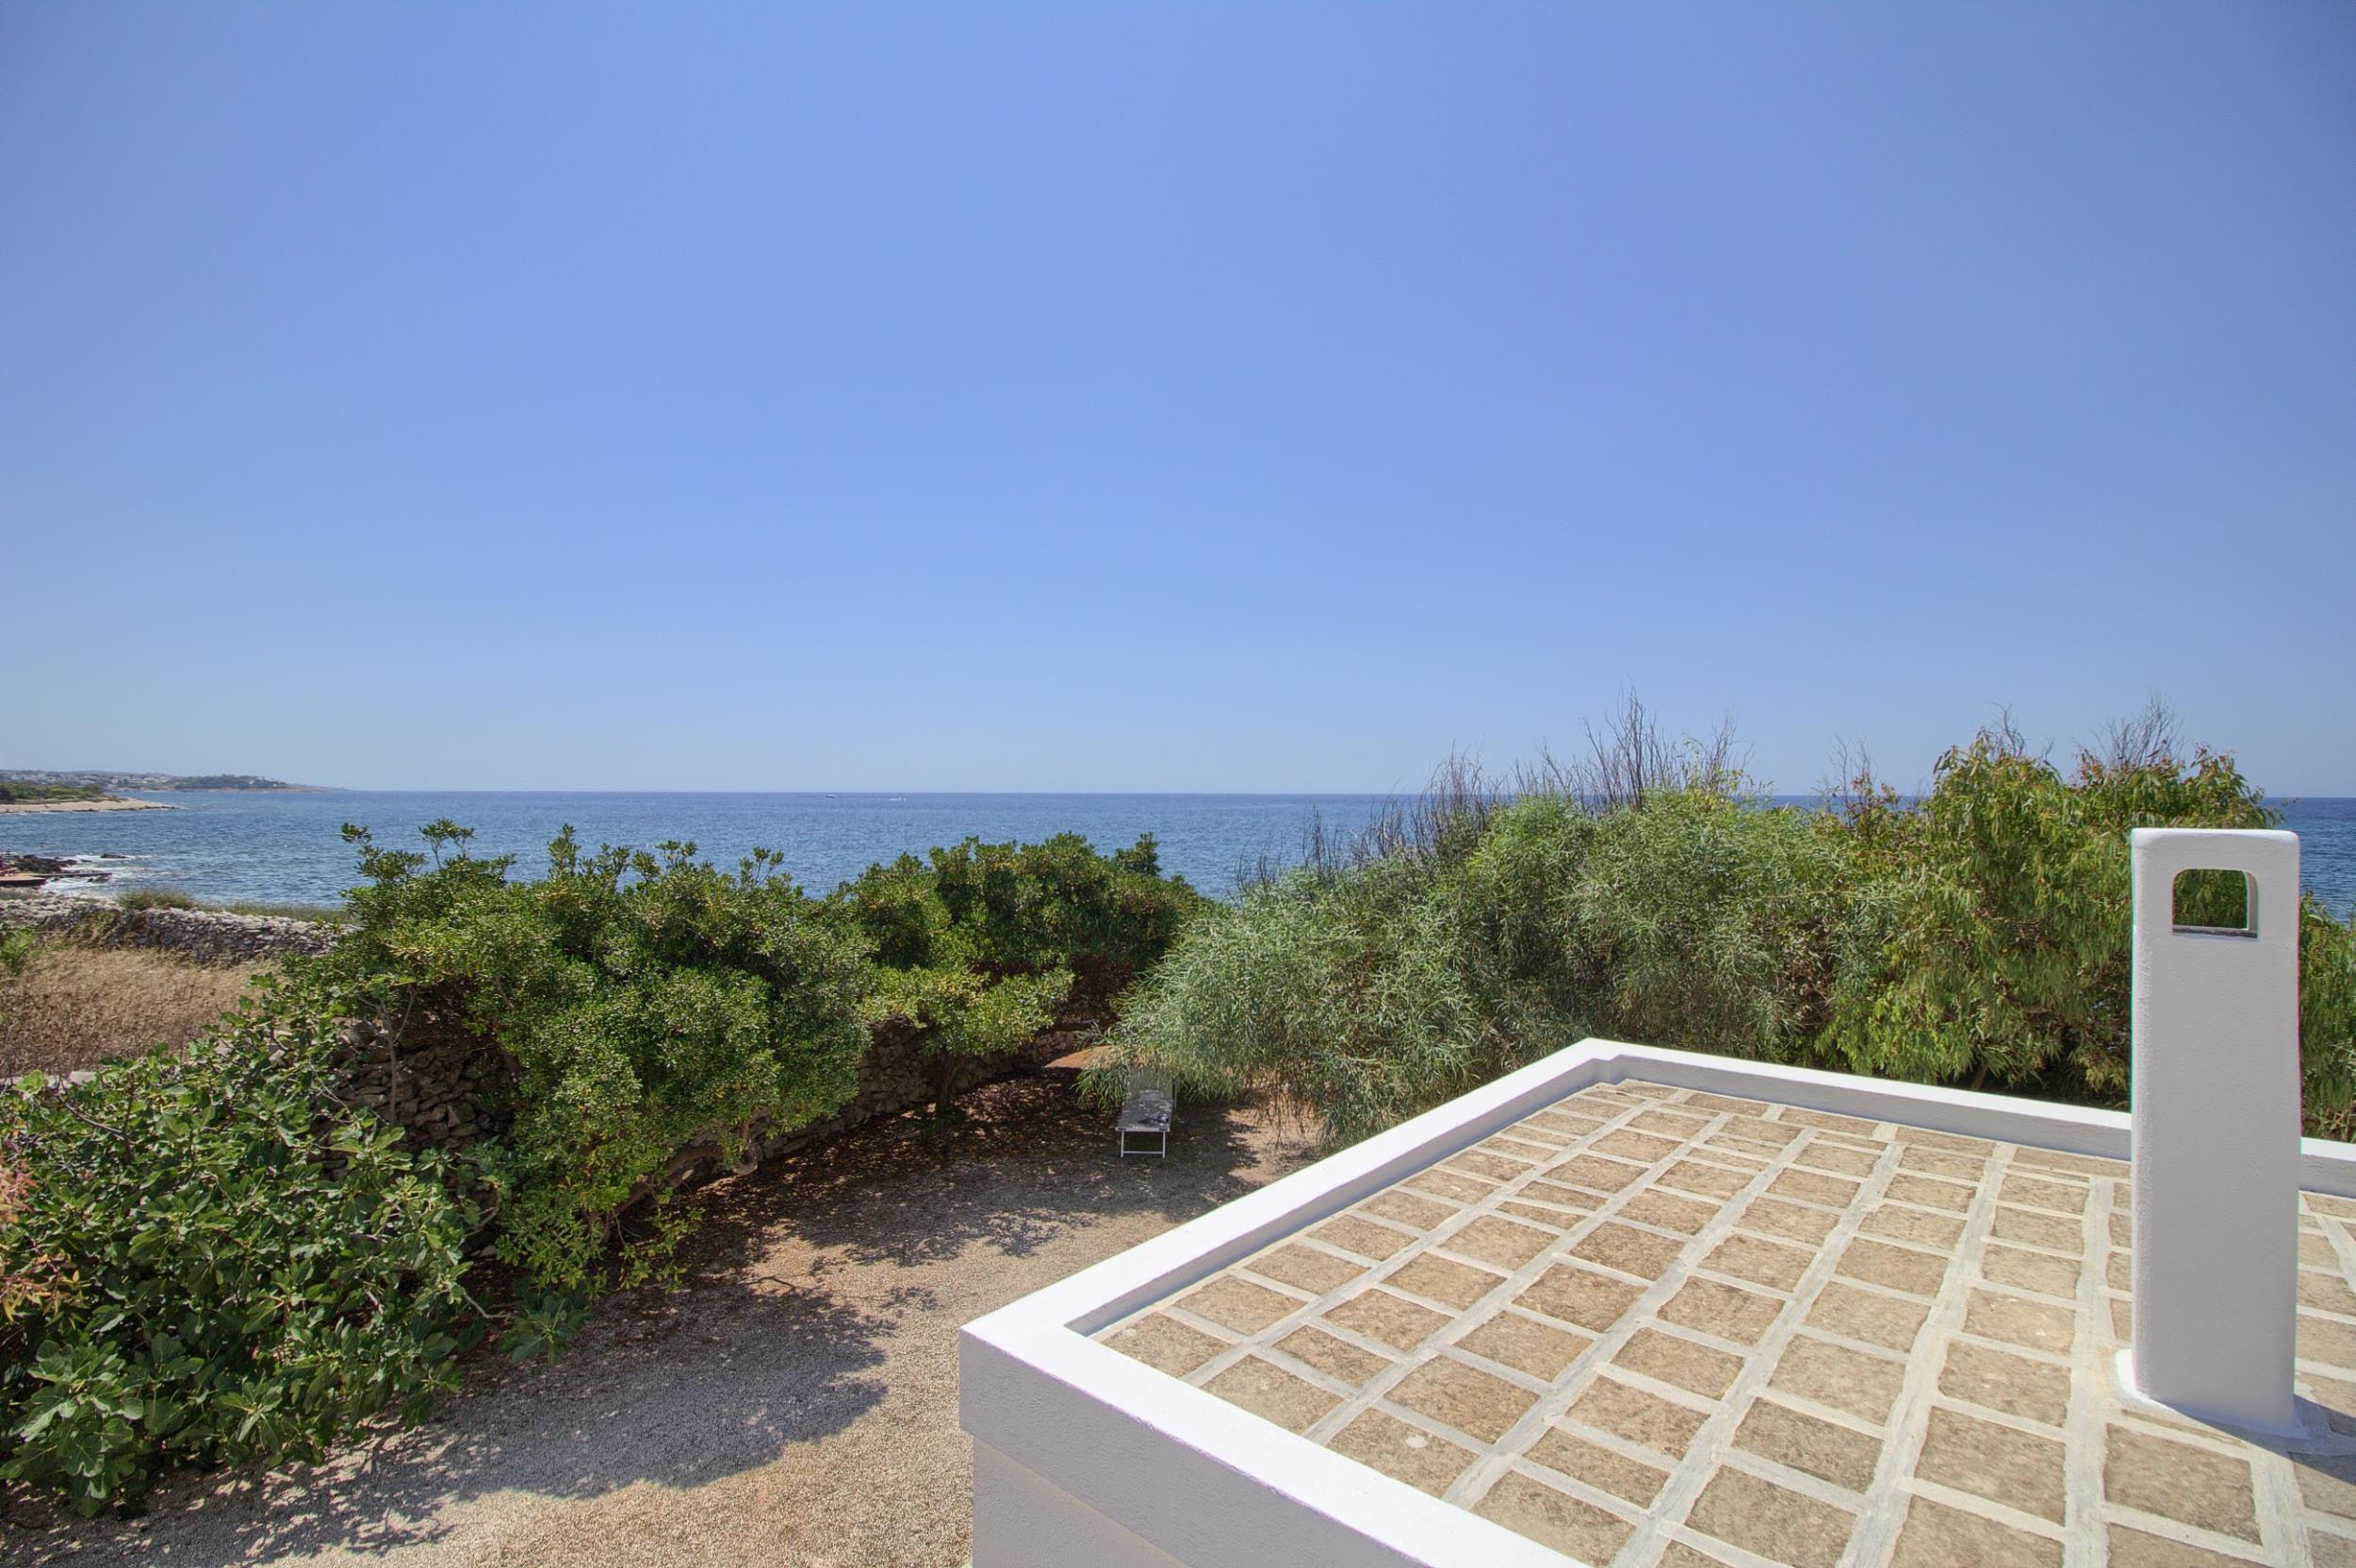 Apartment Rifugio private sea access photo 22514759